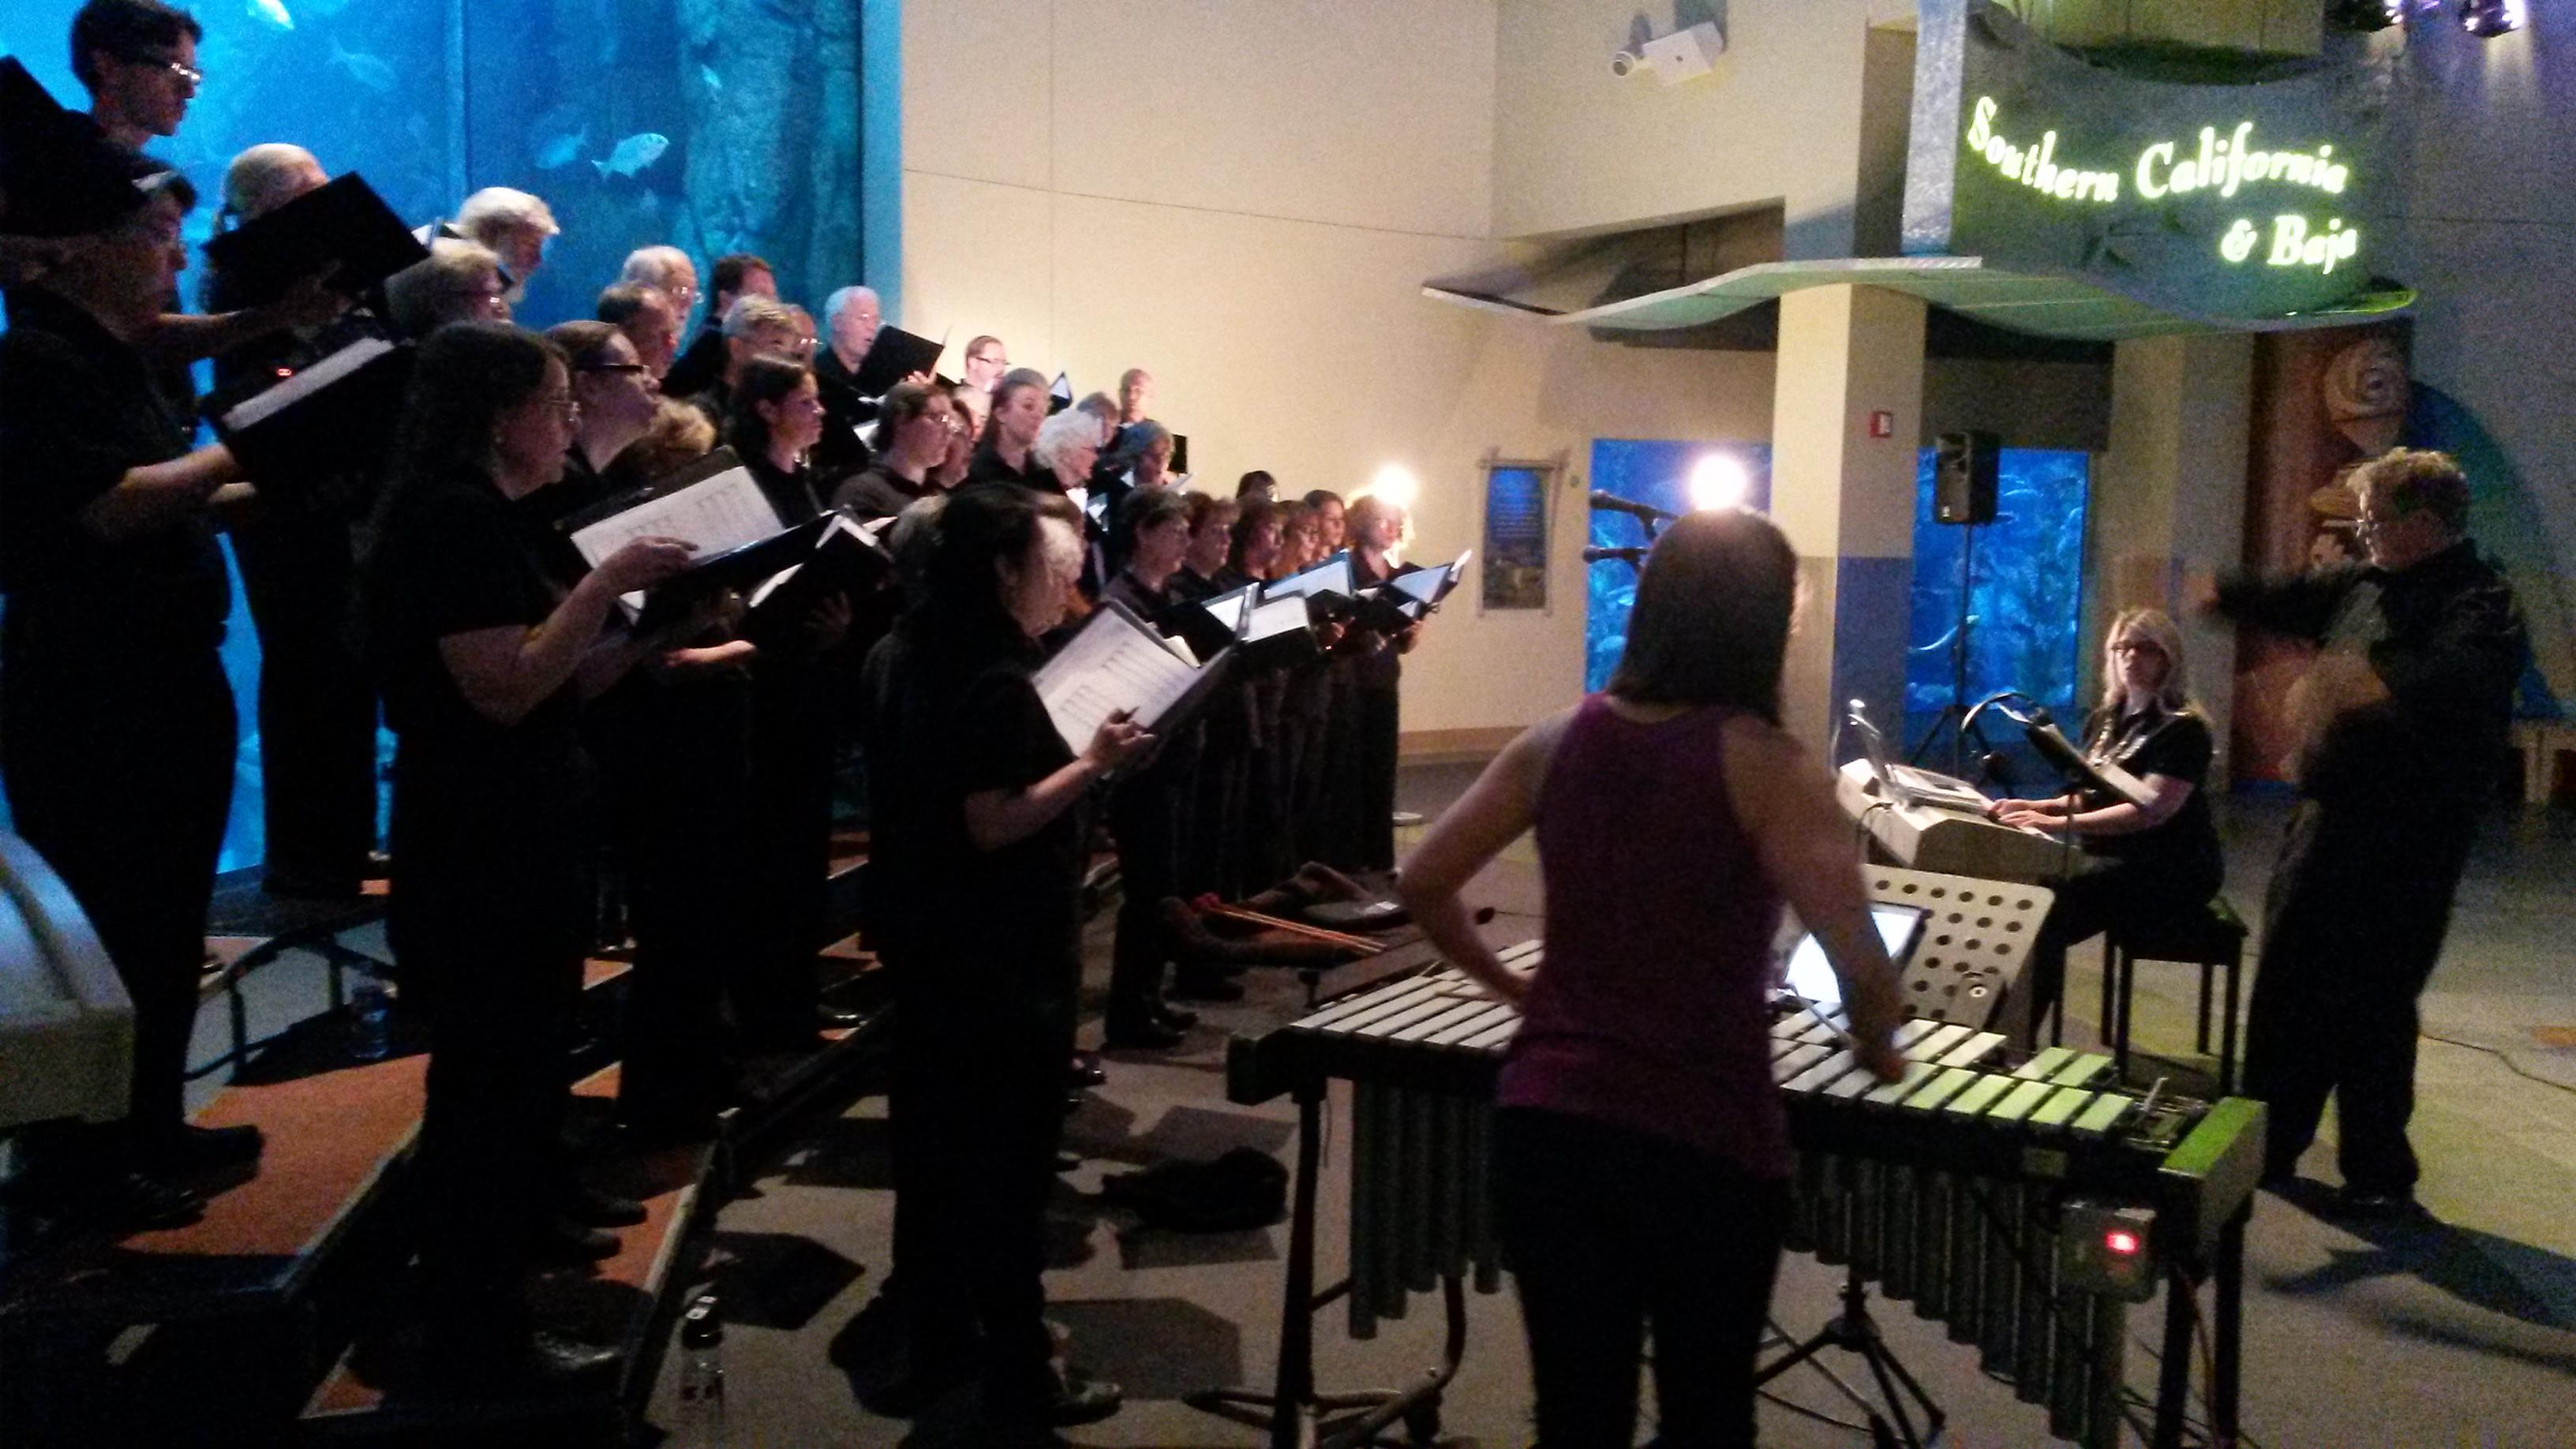 James Freeman Conducts the XXX Choir